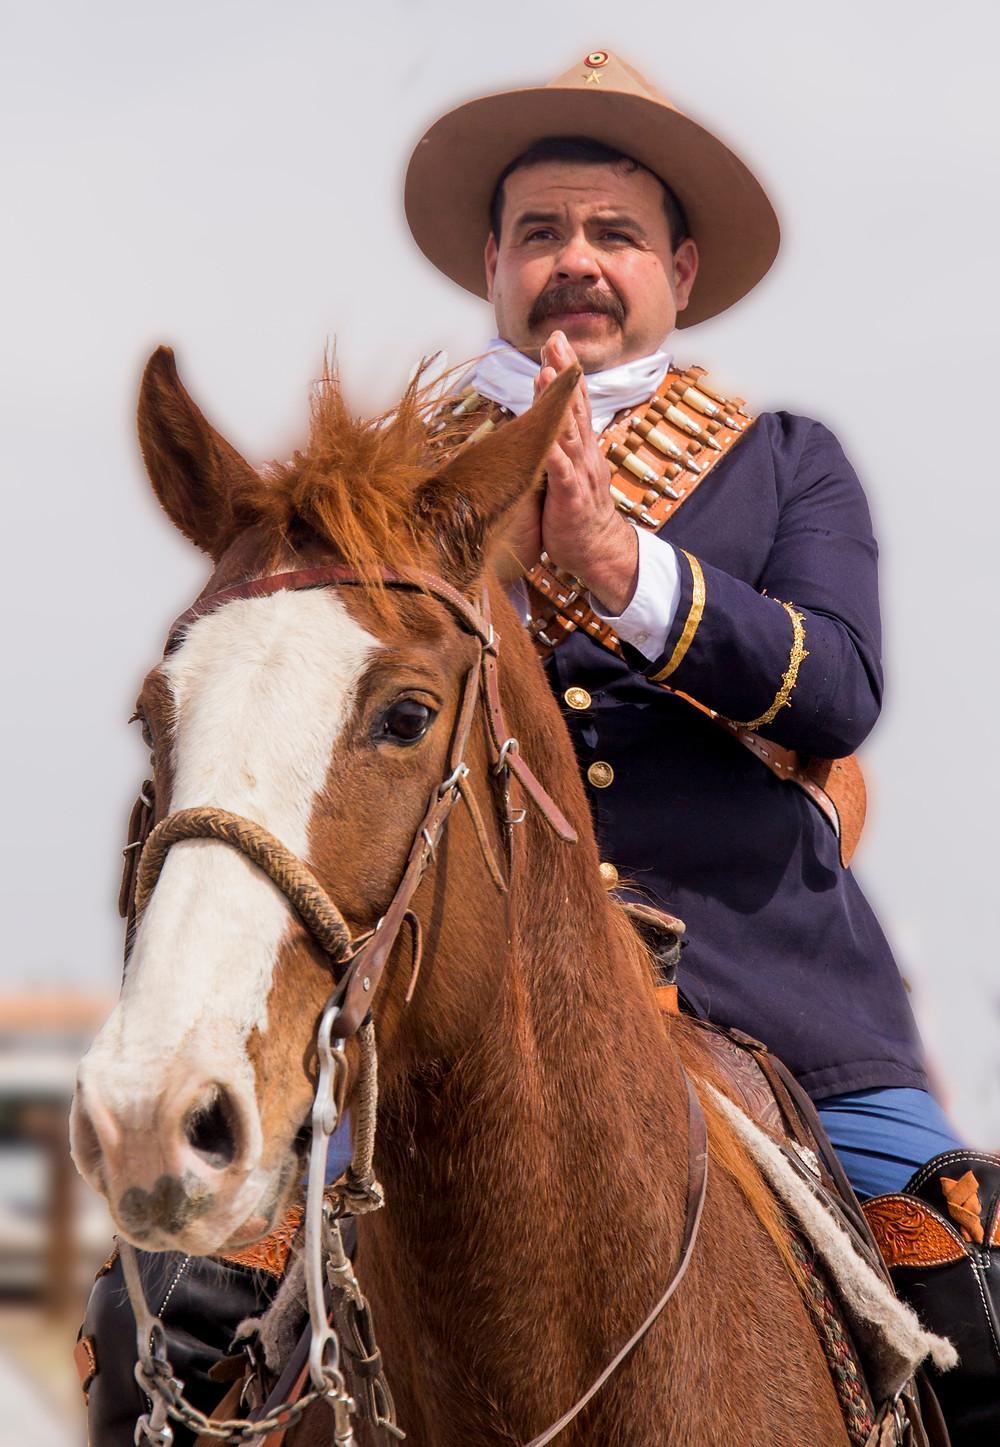 Mexican soldier re-enactor